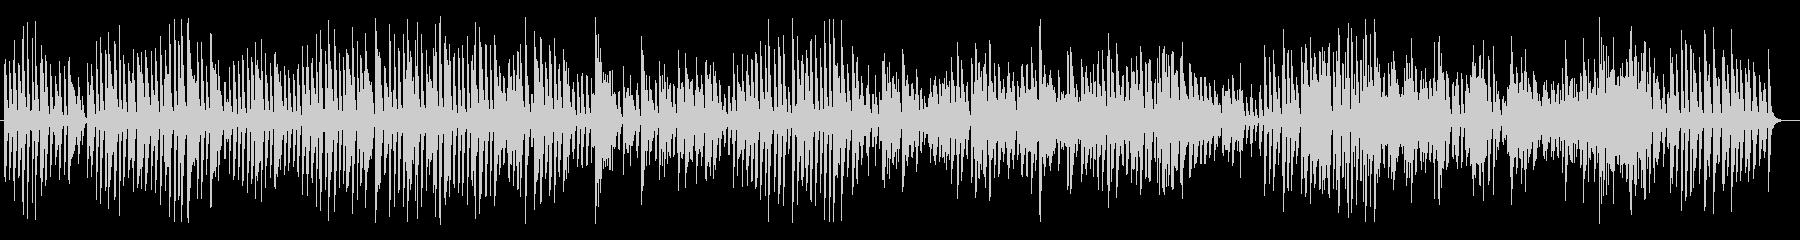 レトロでほのぼのとしたジャズピアノBGMの未再生の波形